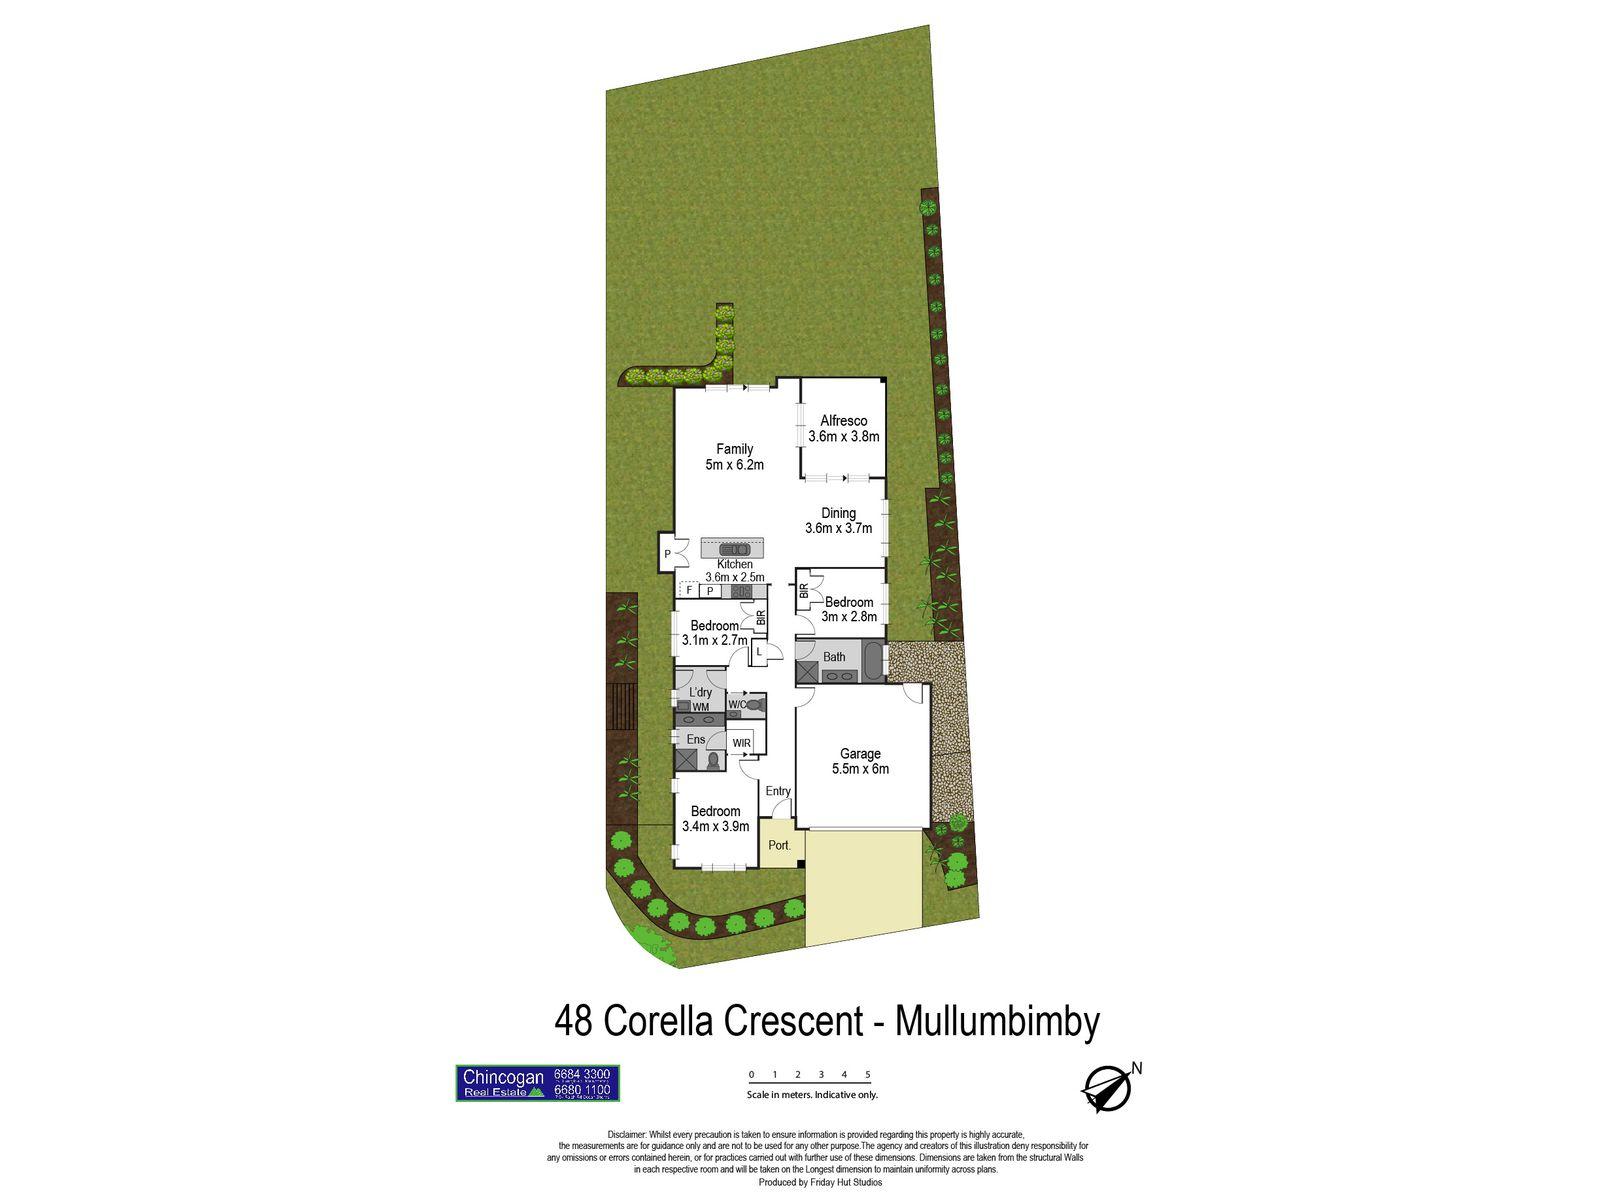 48 Corella Crescent, Mullumbimby